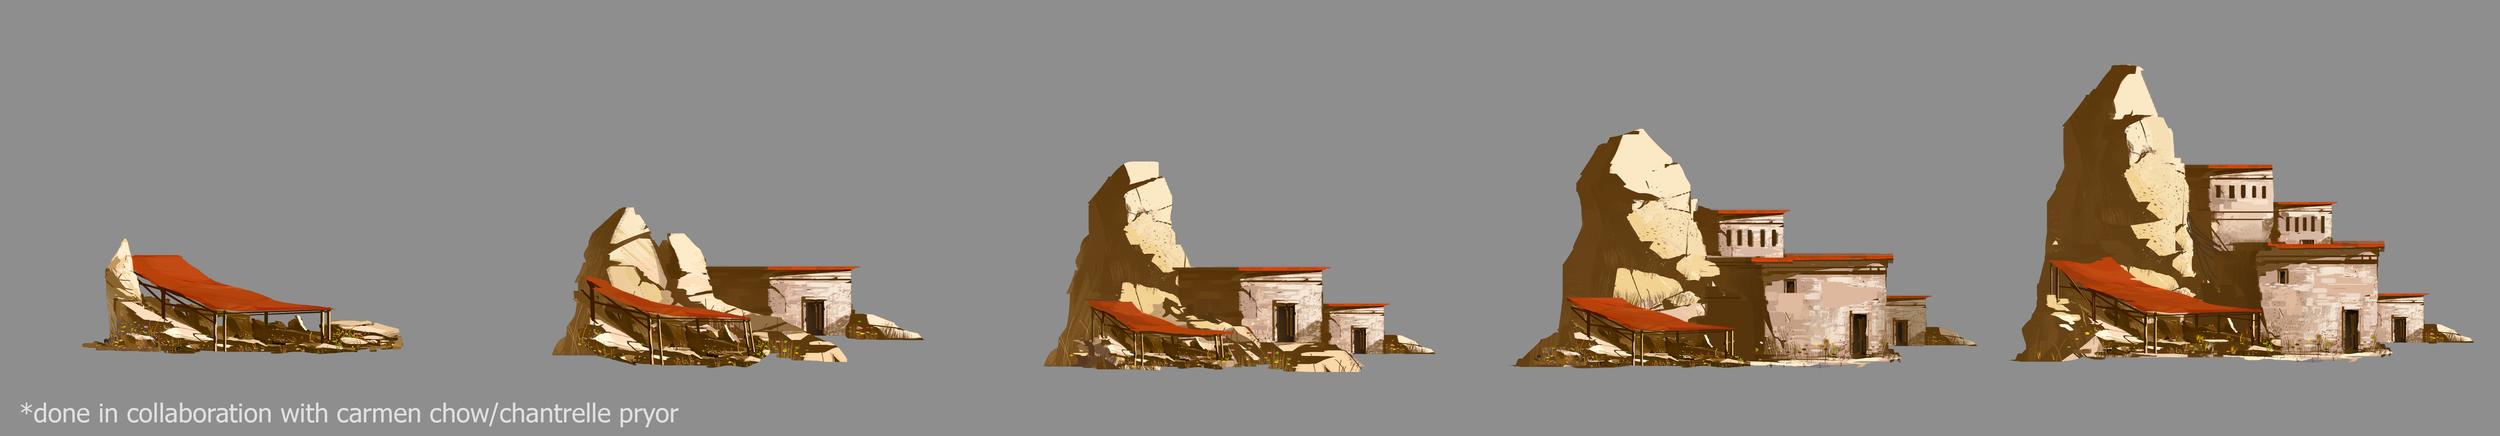 TW_greek_quarry01.jpg